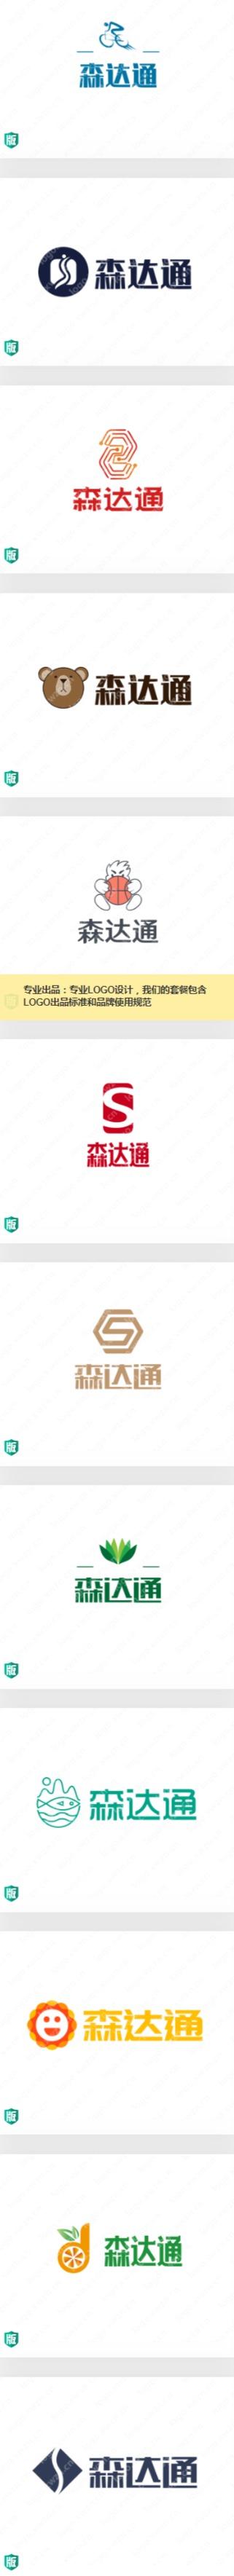 商业办公类logo设计:森达通,森寓意森林,体现环保的特点